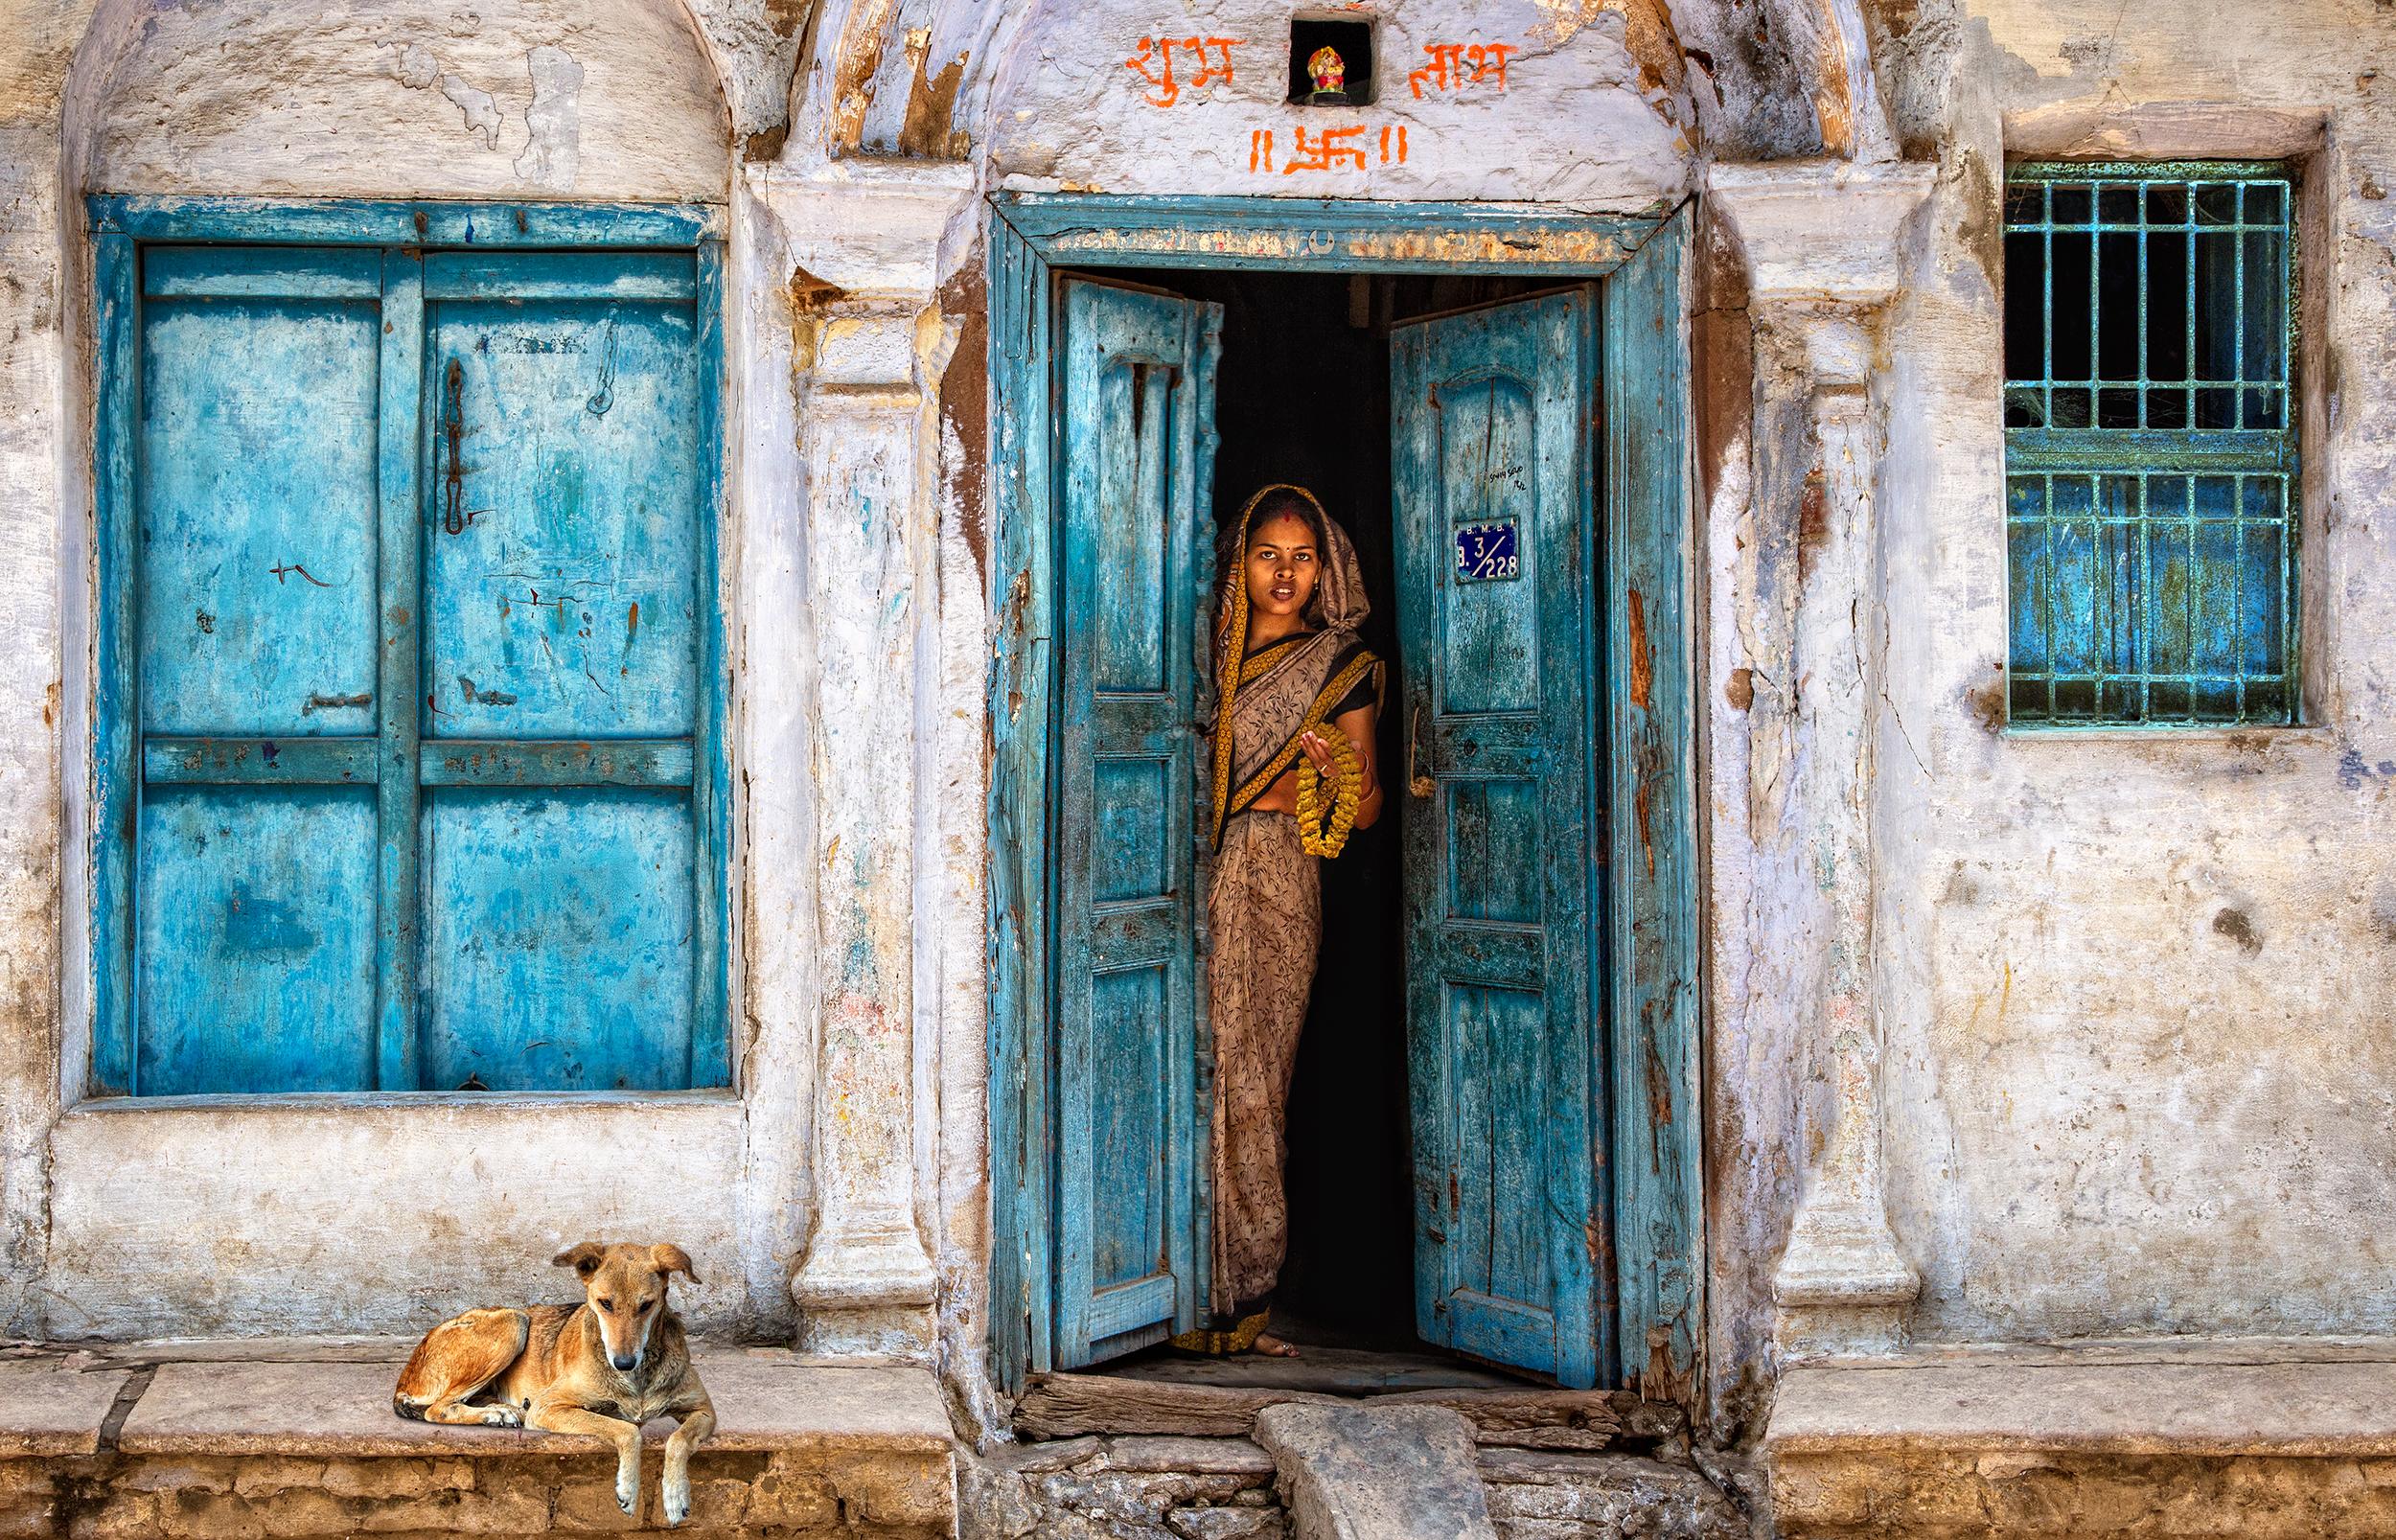 Life in india di Giulio61